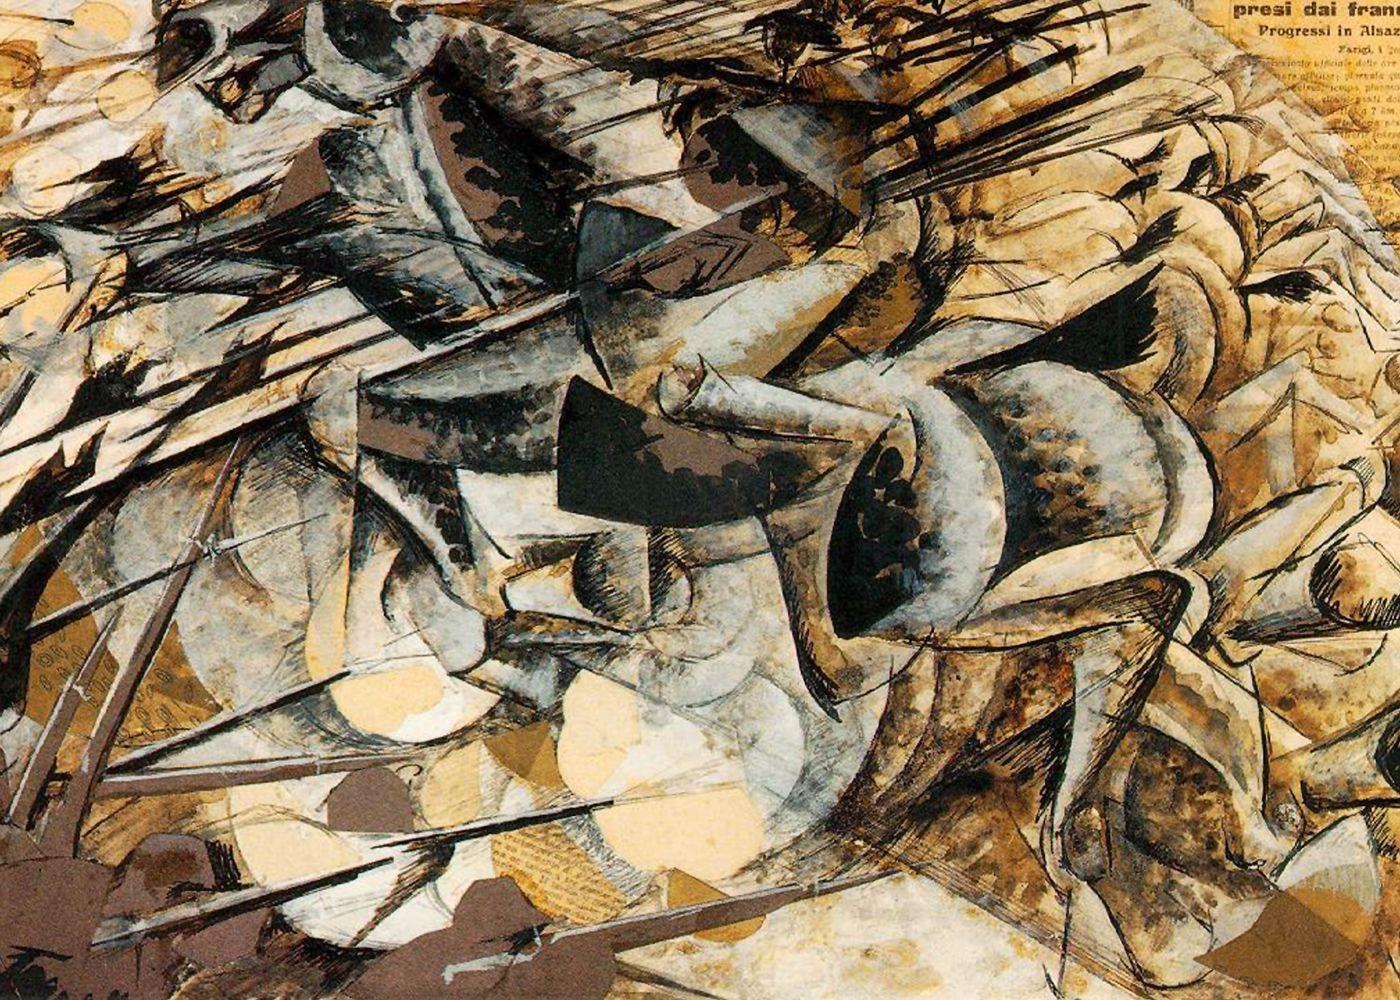 italian futurism futurism umberto boccioni and cubism italian futurism